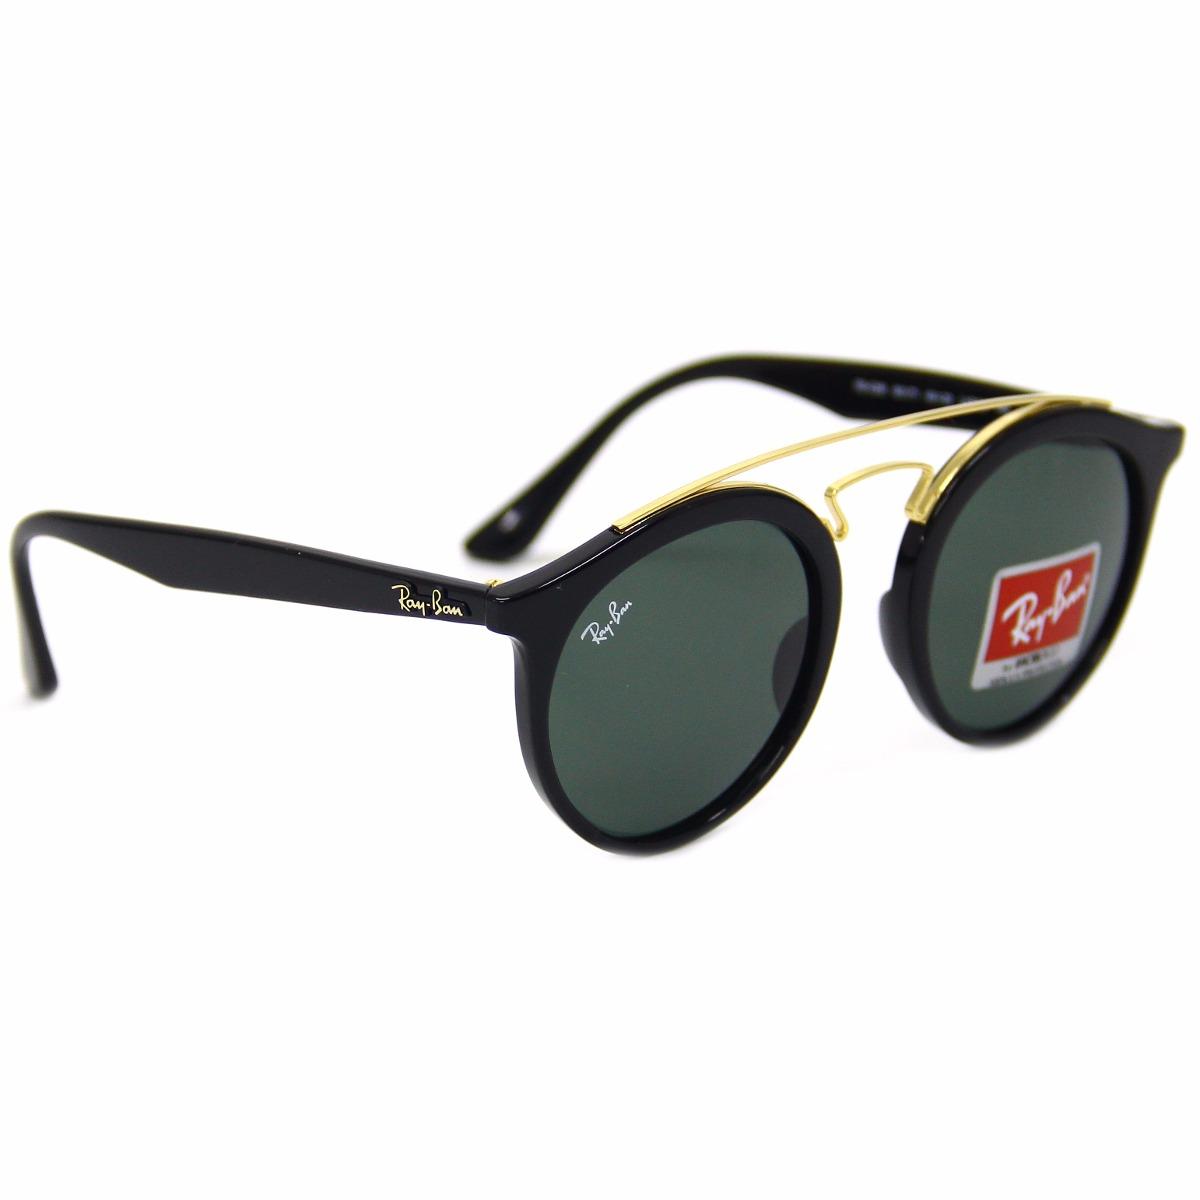 3b542255c óculos de sol ray ban gatsby redondo preto 4256 601/71. Carregando zoom.